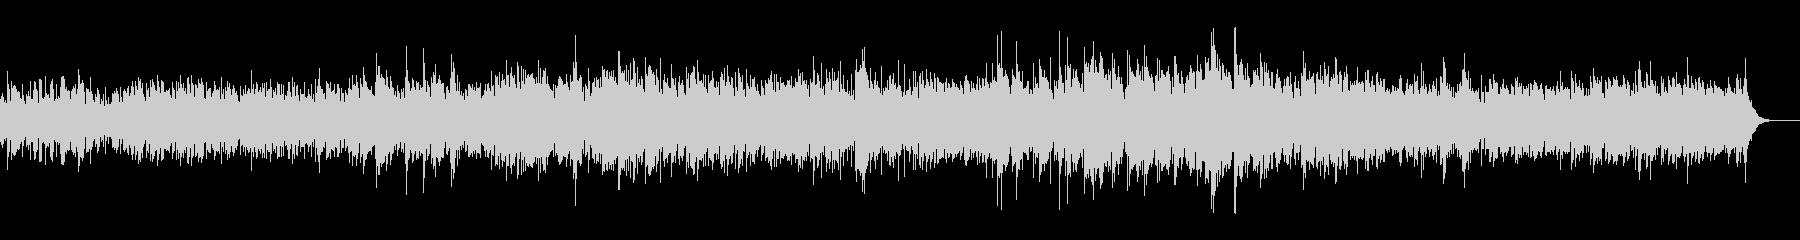 沖縄音階をテーマにした可愛らしいBGMの未再生の波形